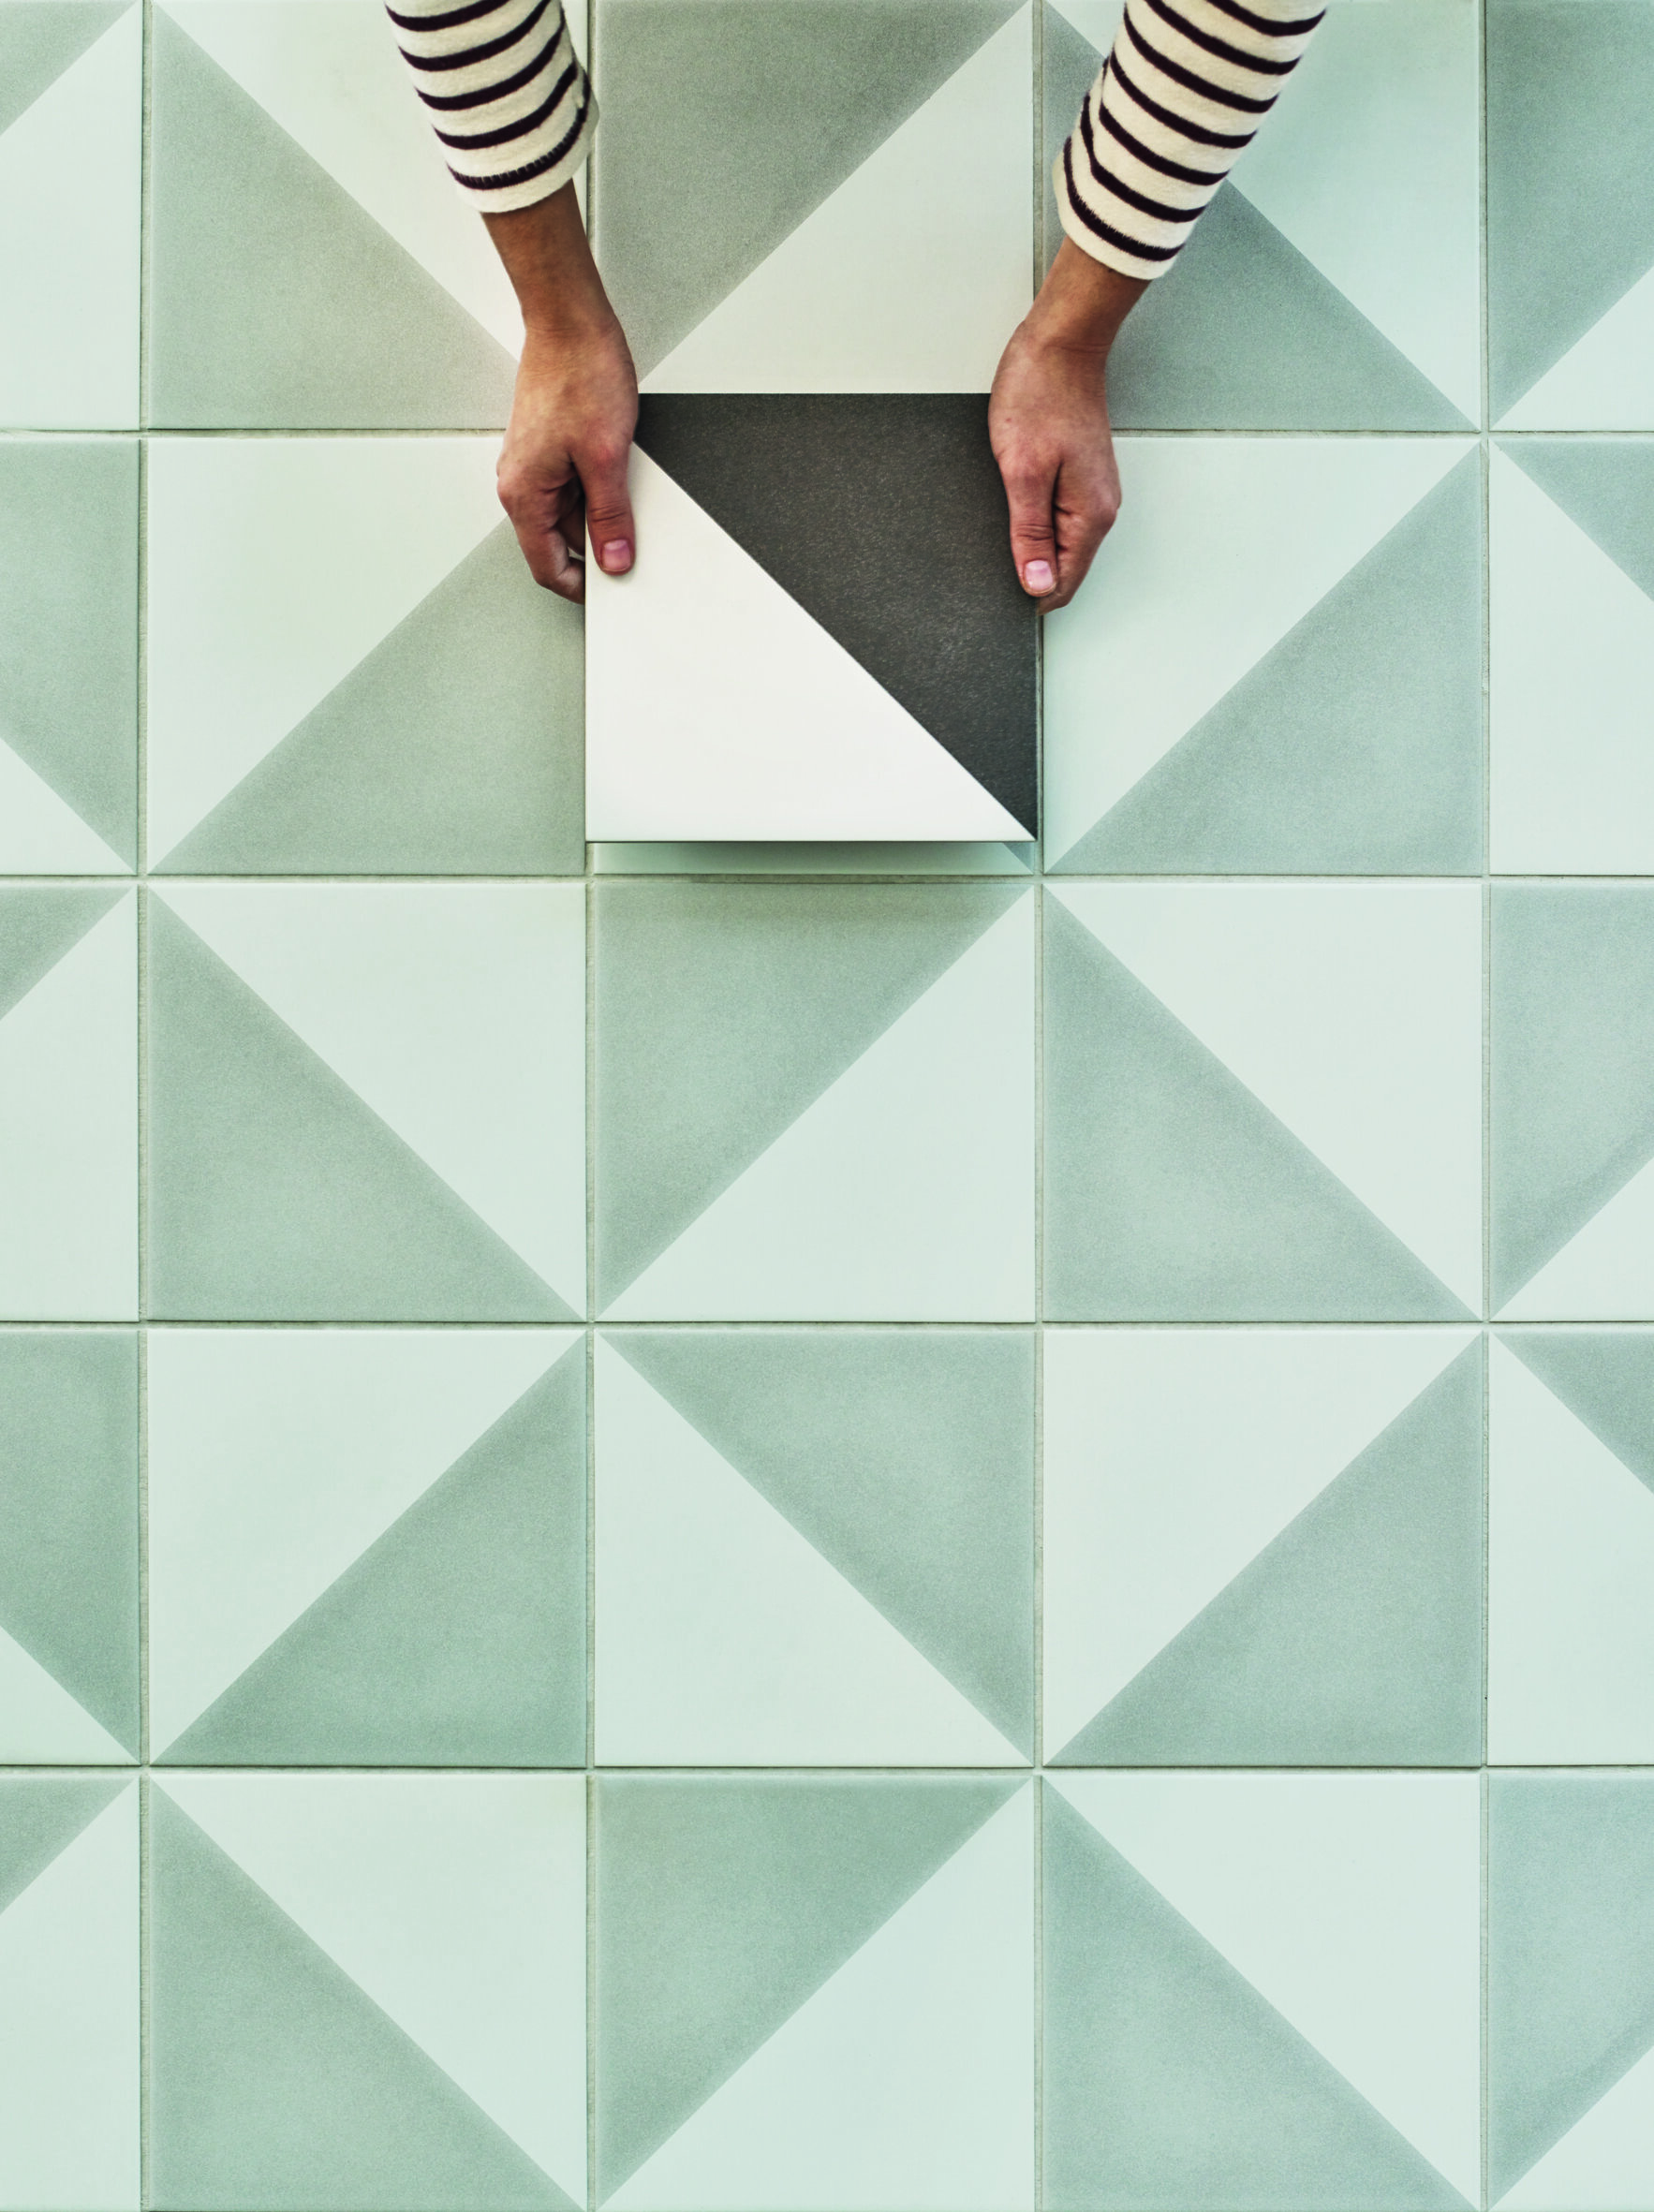 Claybrook Studio - Semaphore Victory Tiles